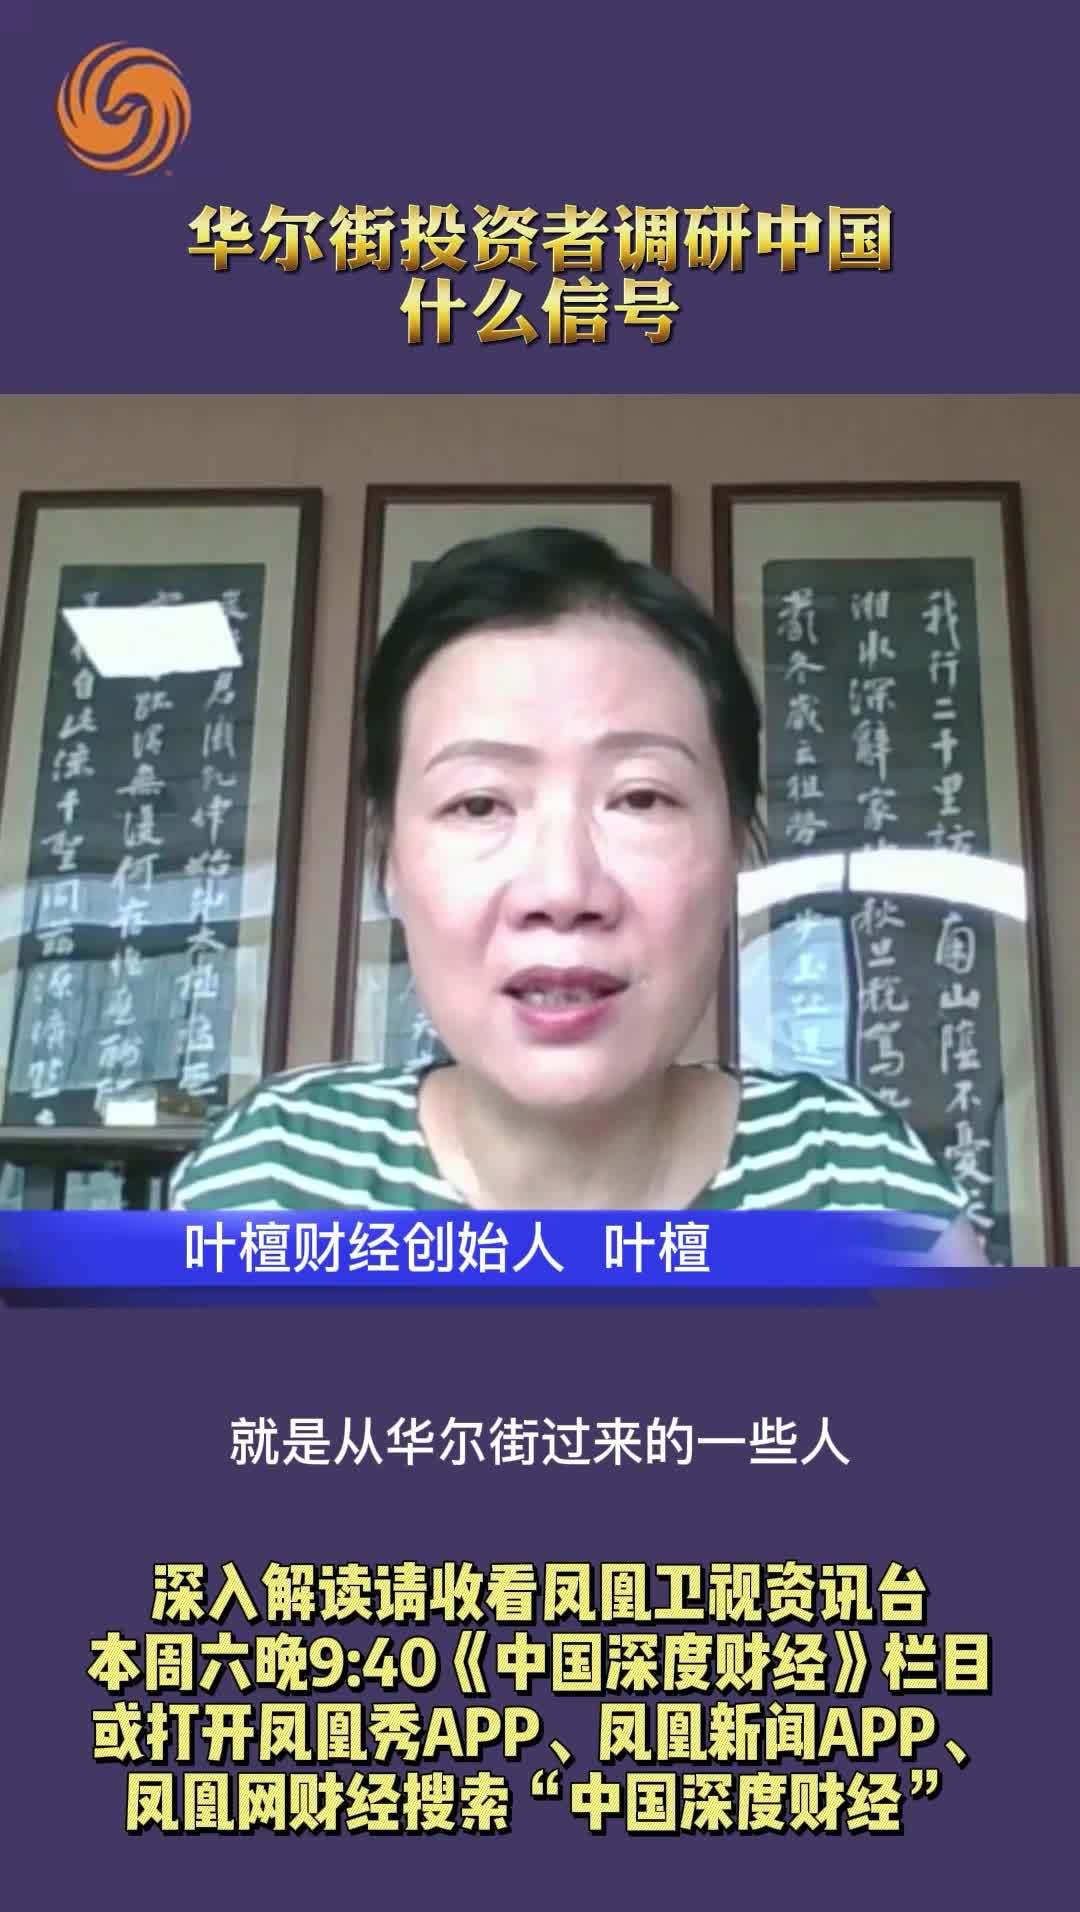 叶檀:华尔街投资者调研中国释放什么信号?